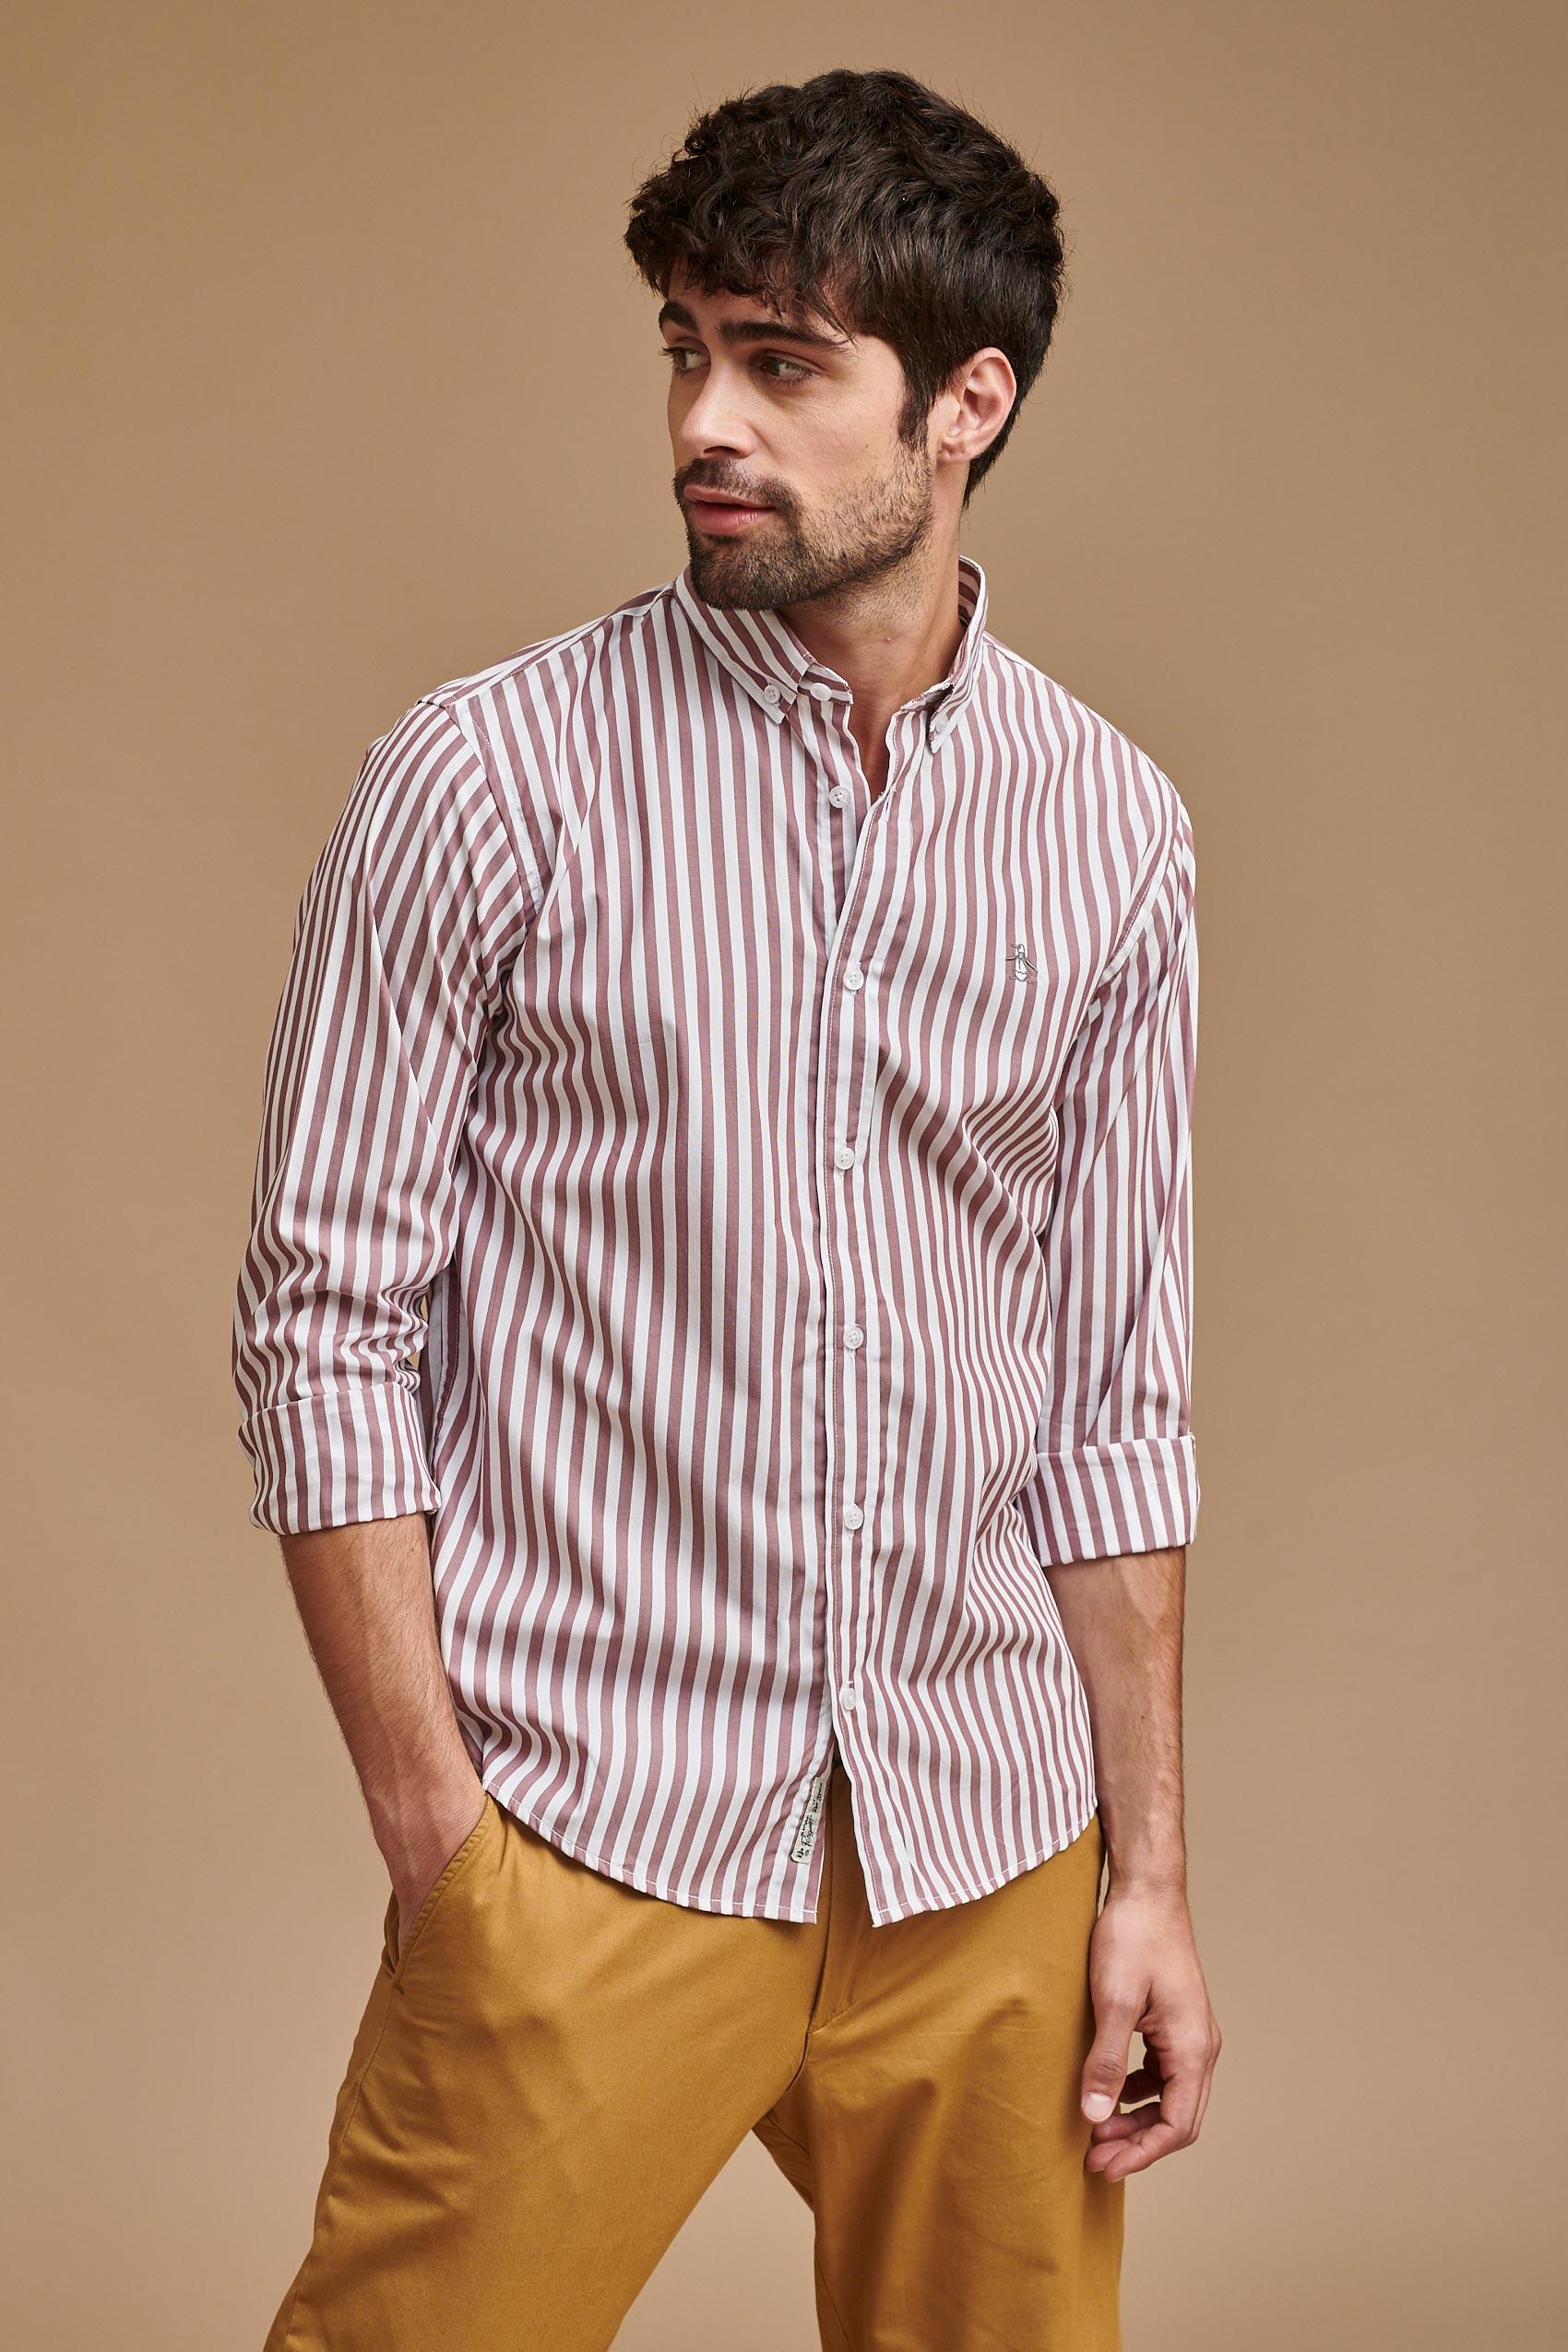 penguin_ls-wide-stripe-shirt-b/d_16-14-2020__picture-15006